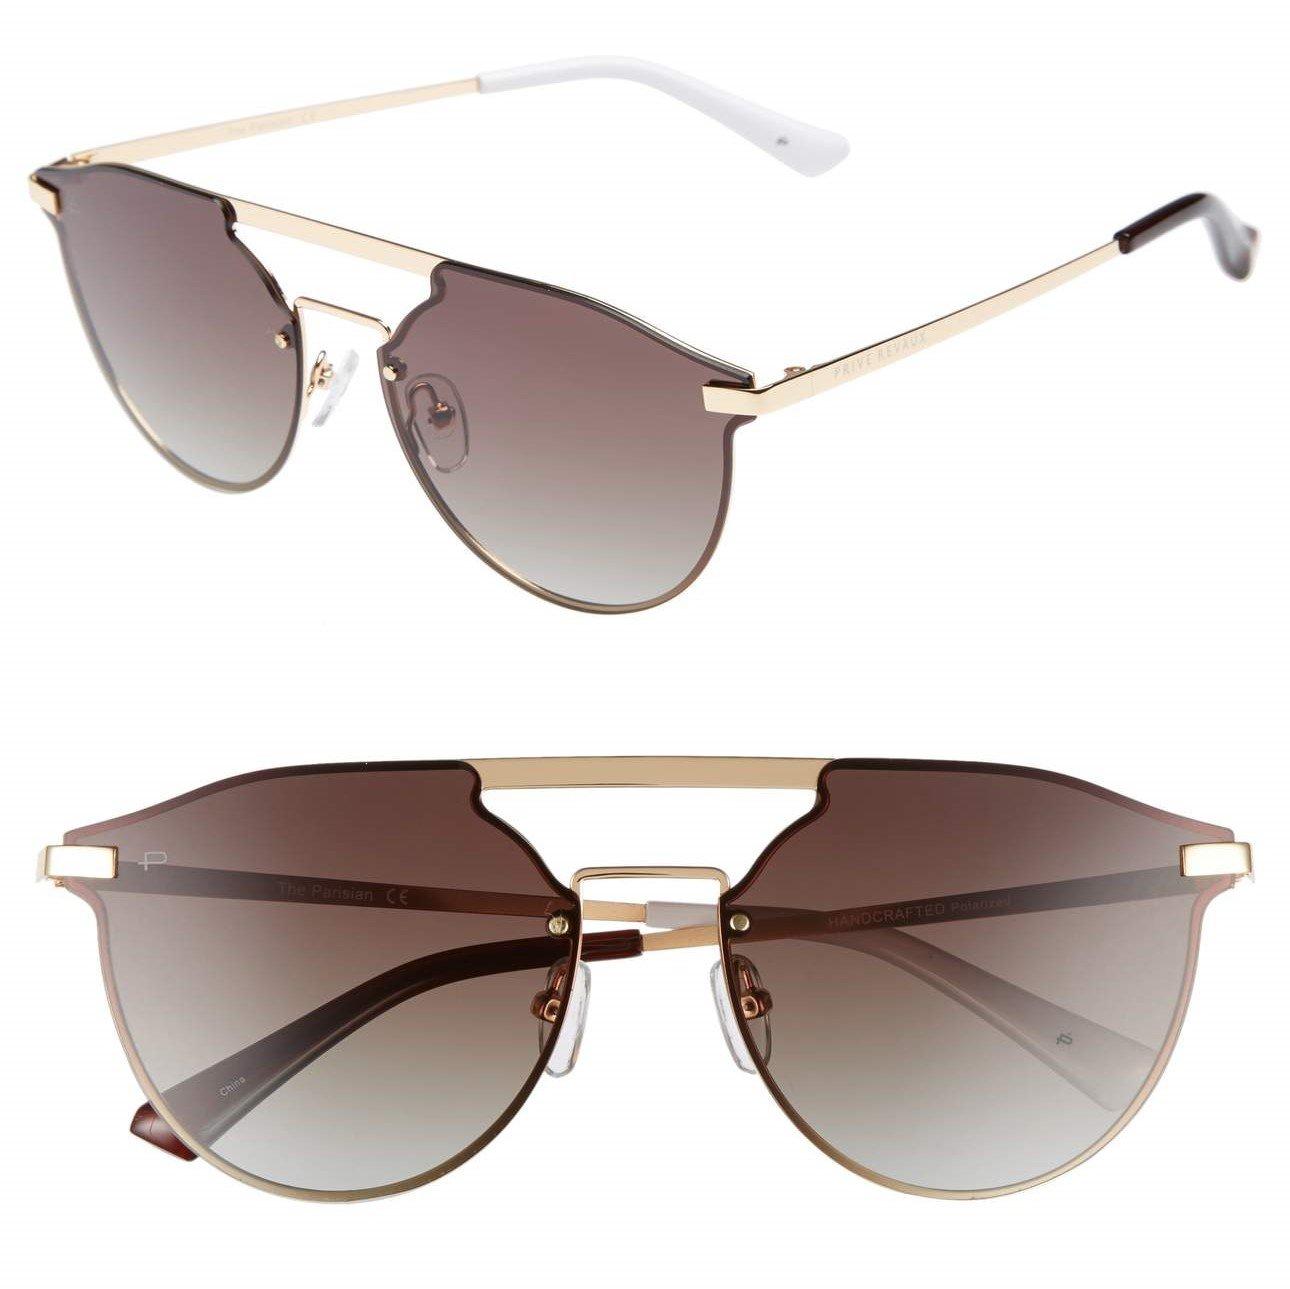 """ویکالا · خرید  اصل اورجینال · خرید از آمازون · PRIVÉ REVAUX ICON Collection """"The Parisian"""" Designer Polarized Round Sunglasses wekala · ویکالا"""